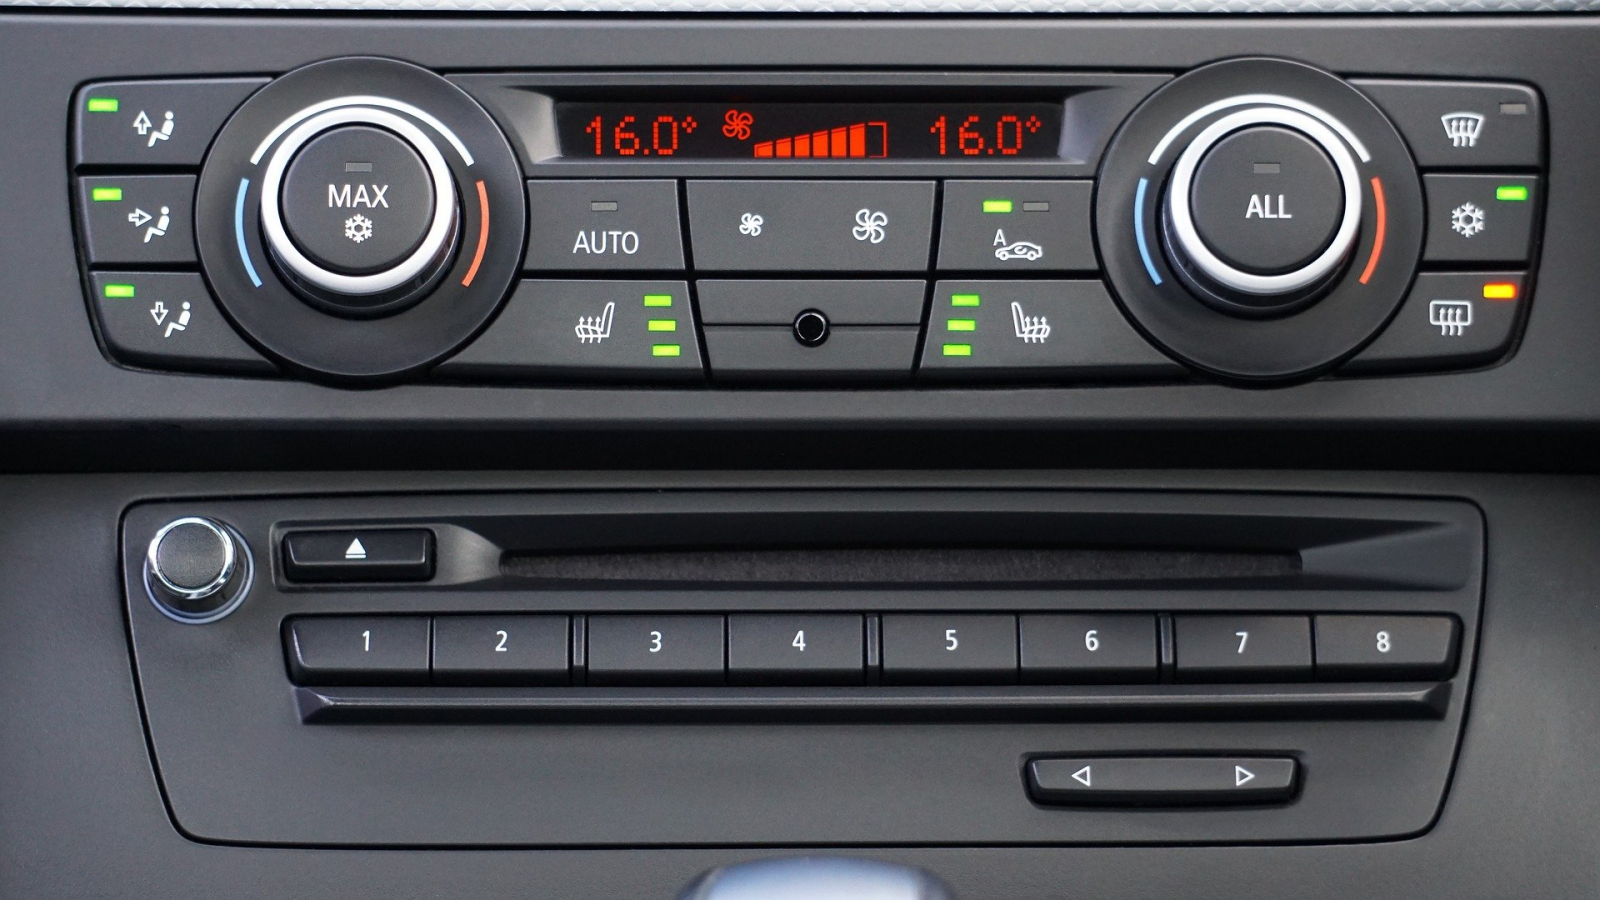 【汽車專知】車輛空調壓縮機怎麼運作?空調壓縮機壞掉前的徵兆?